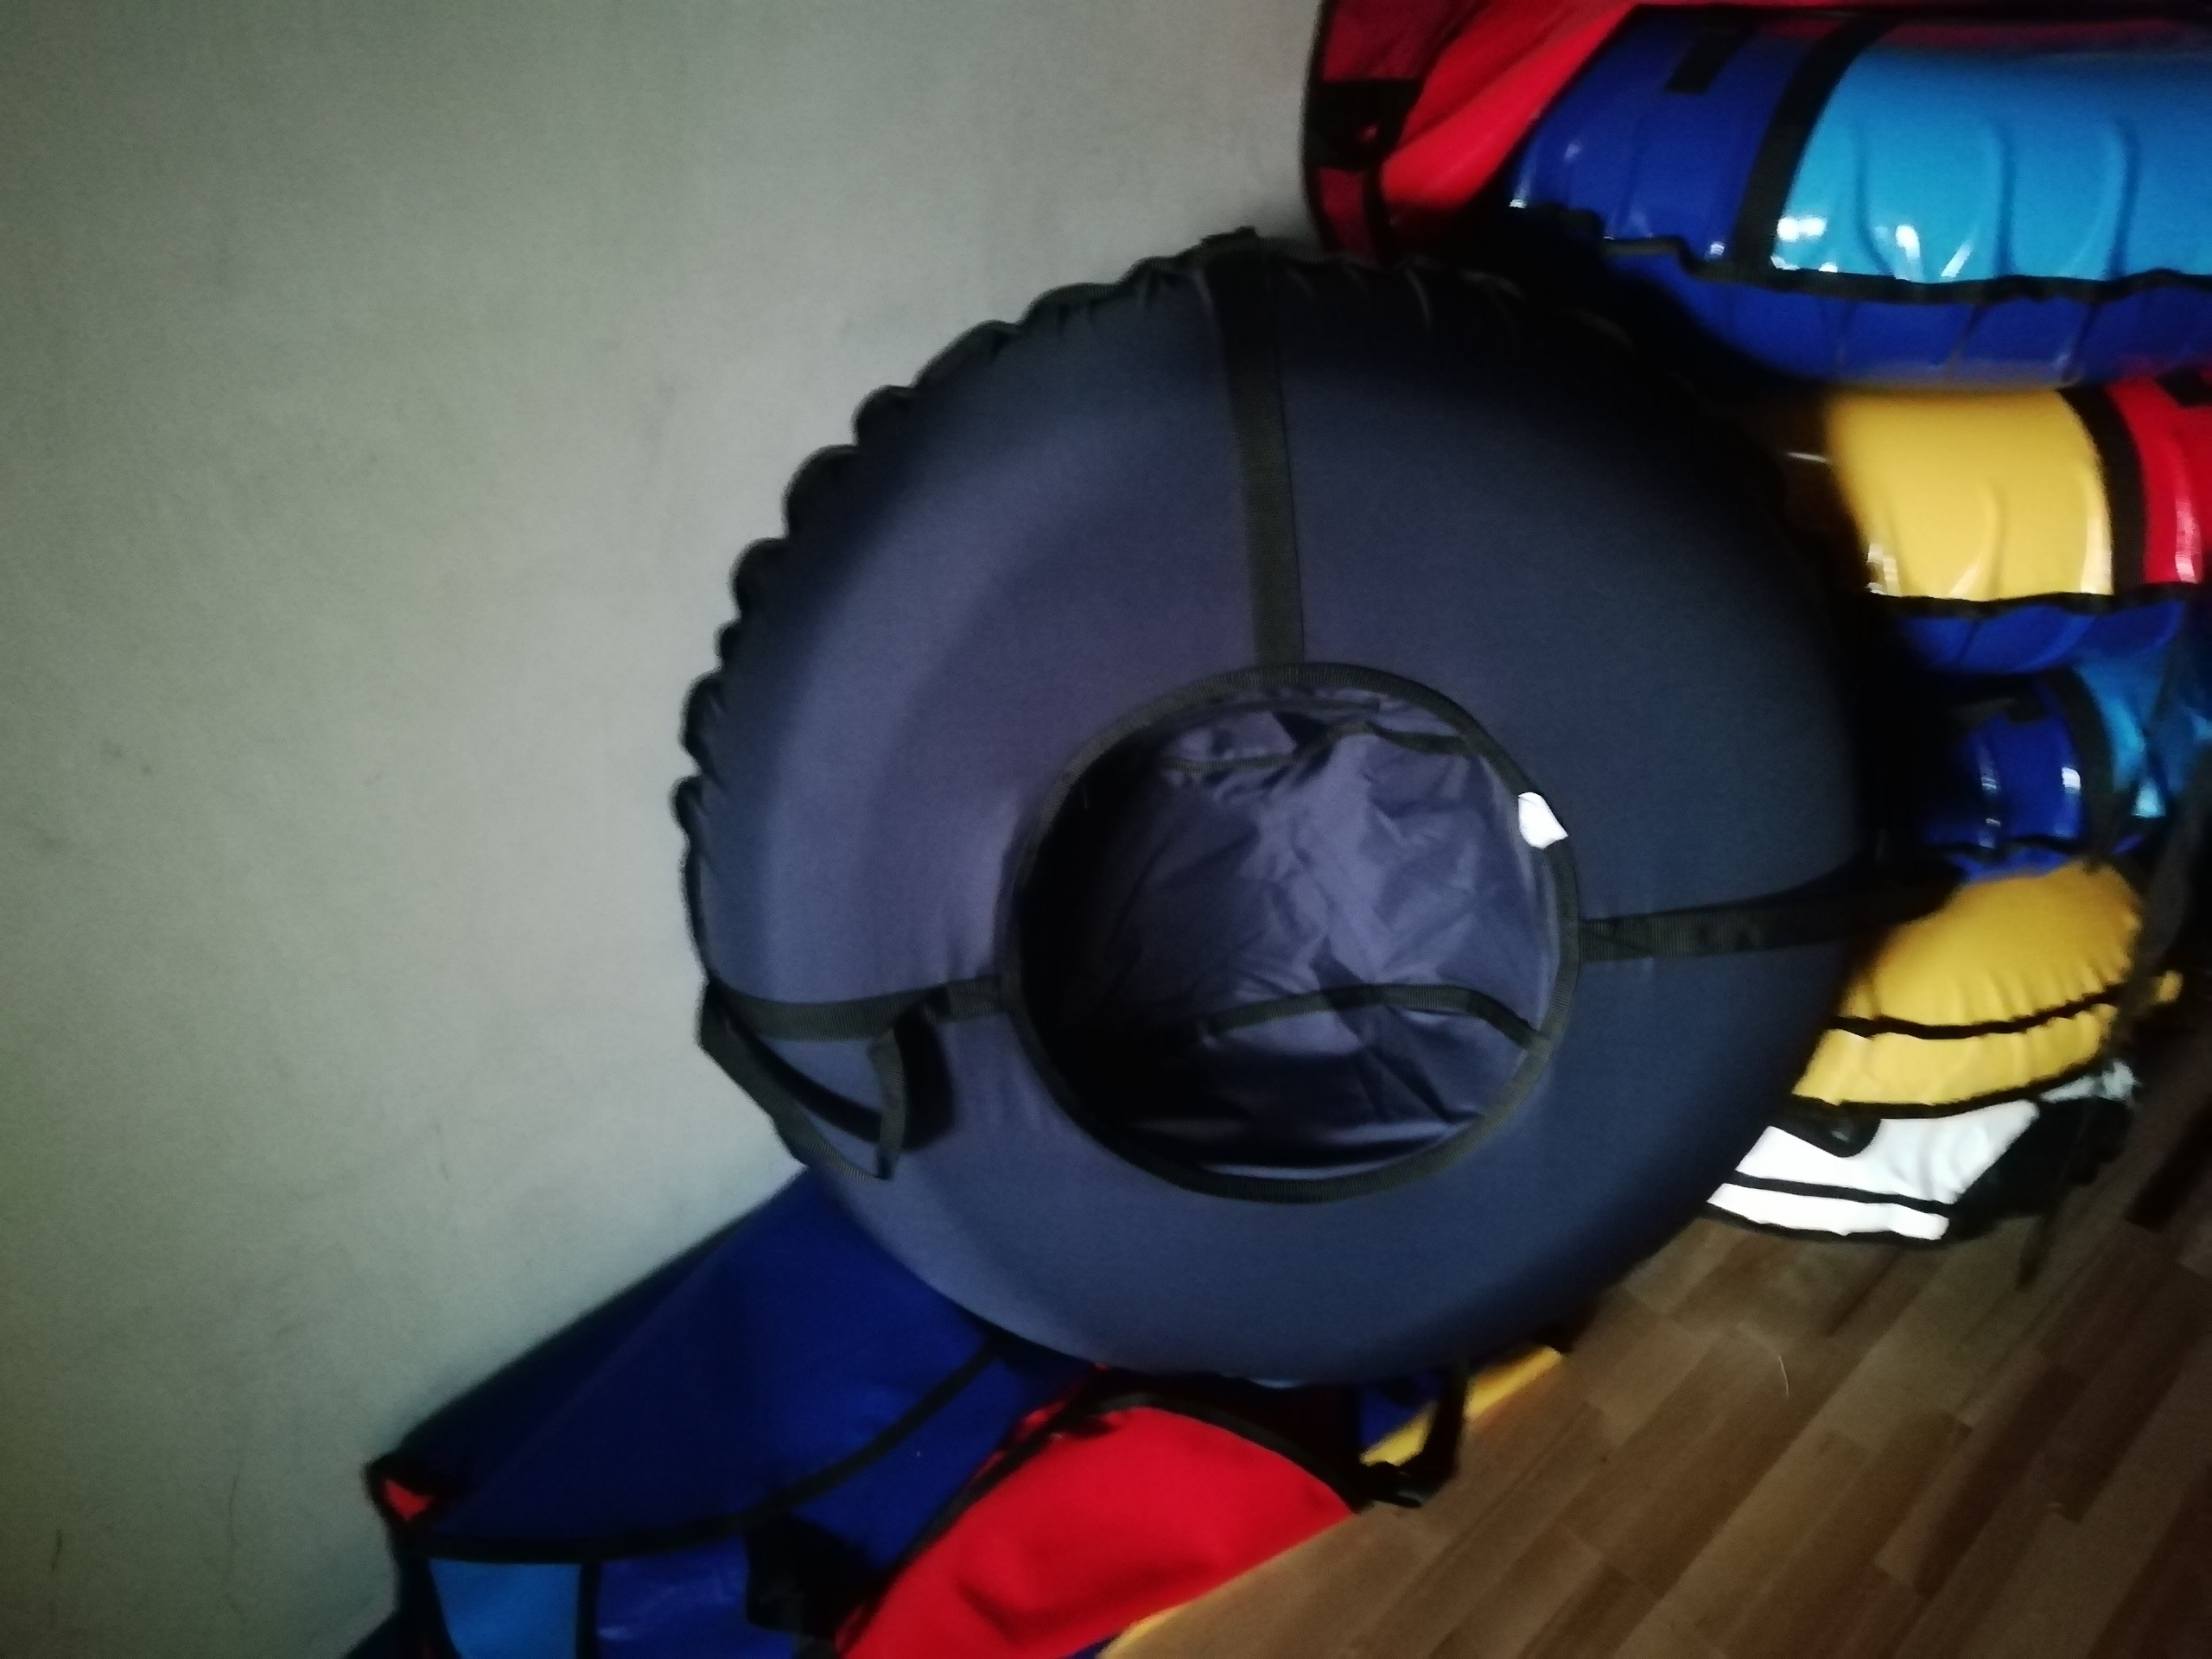 ватрушки тюбинги надувные санки для катания цена самара